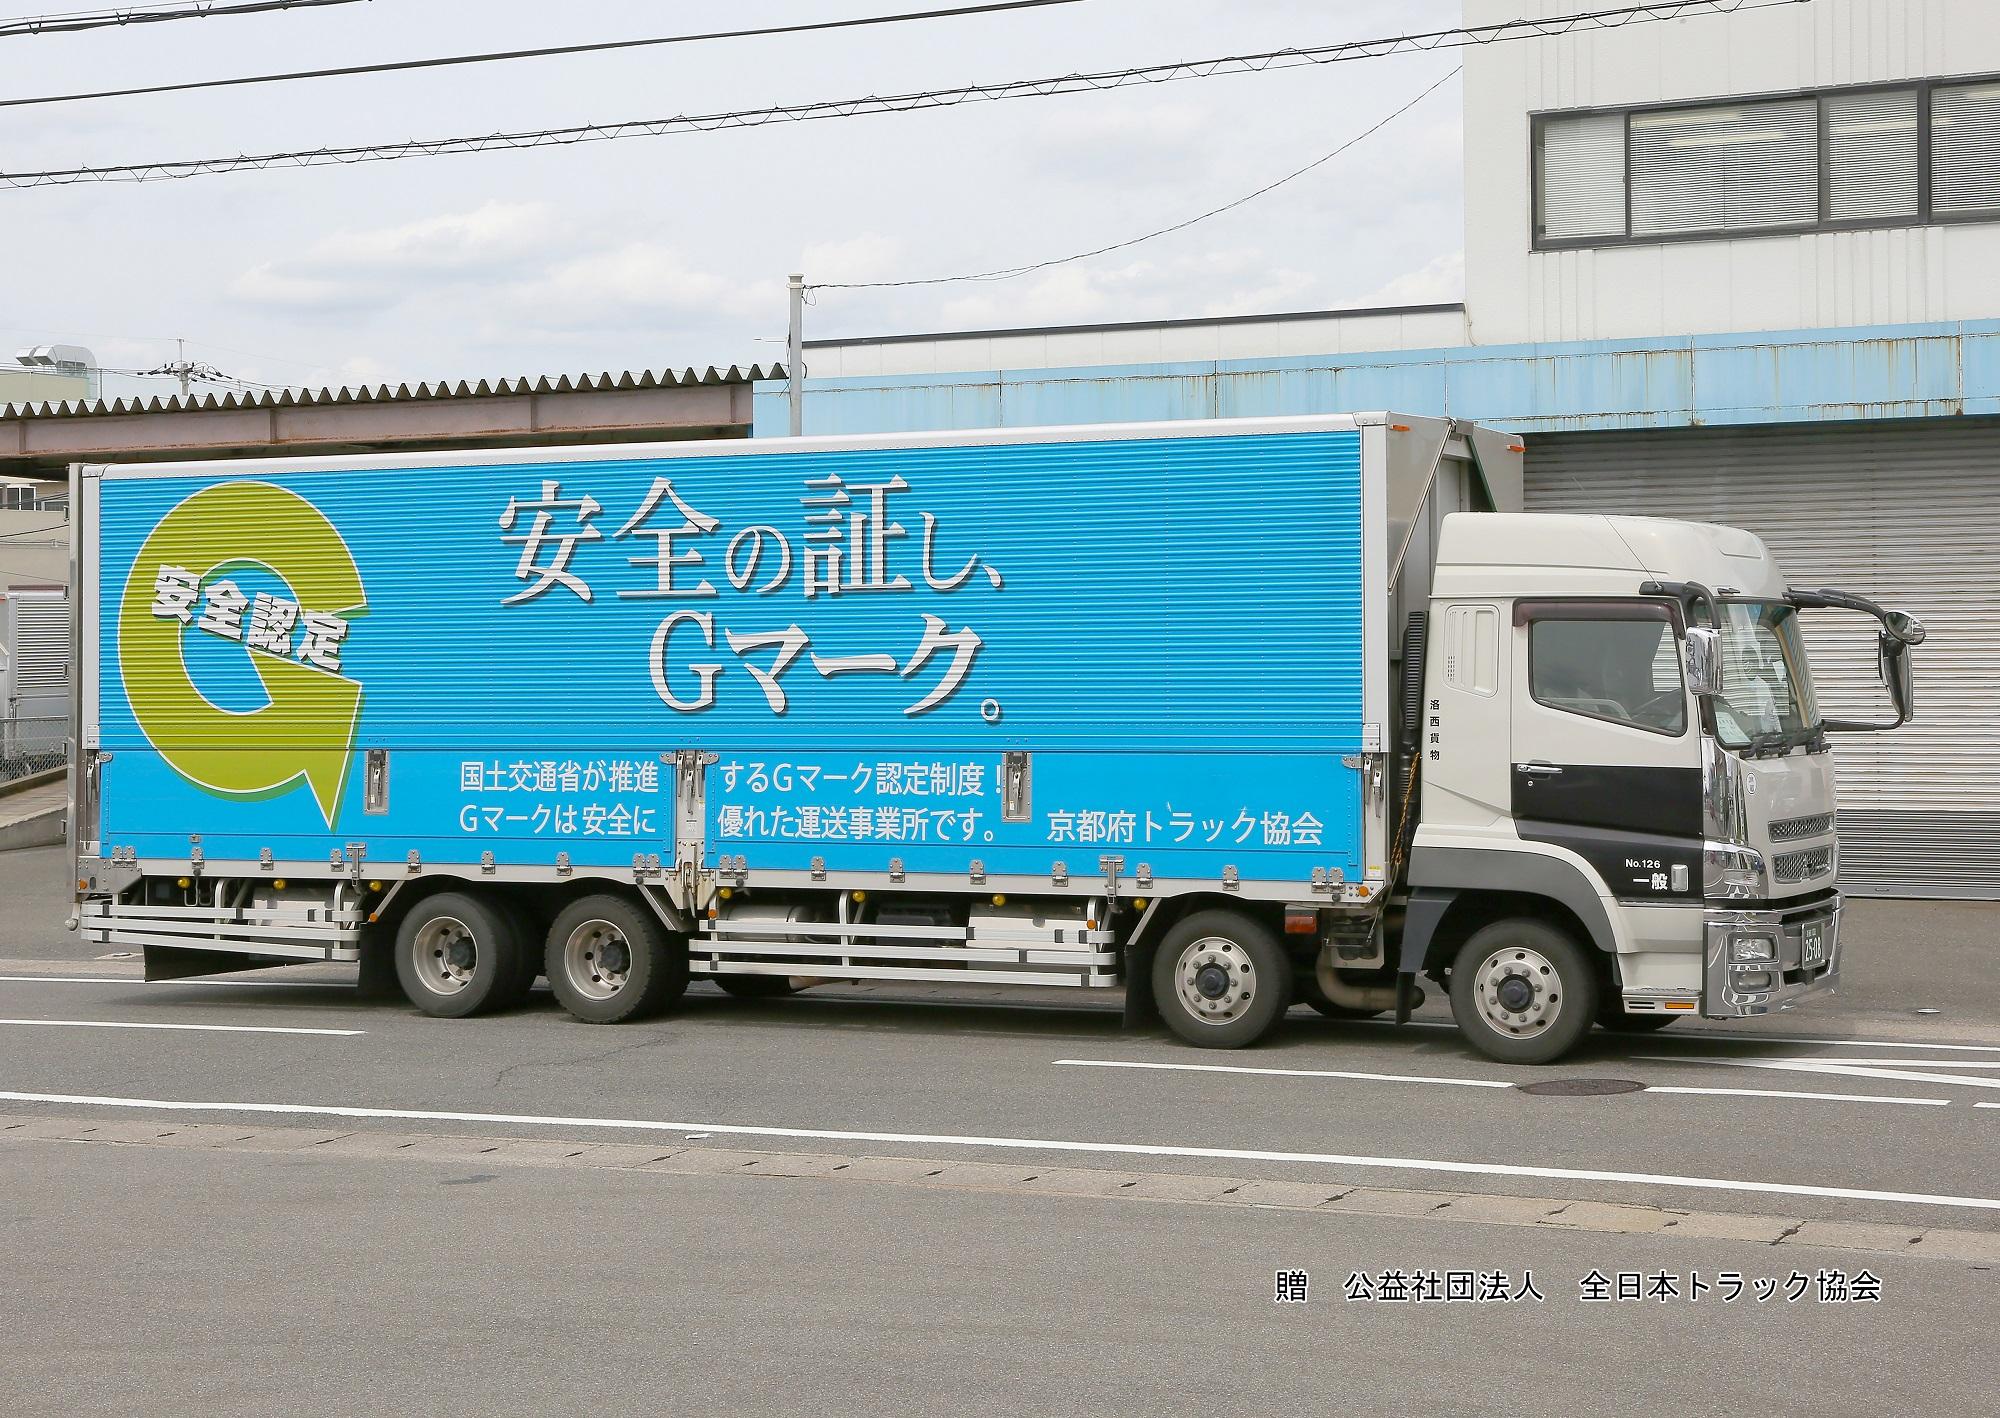 洛西貨物自動車株式会社 京都営業所